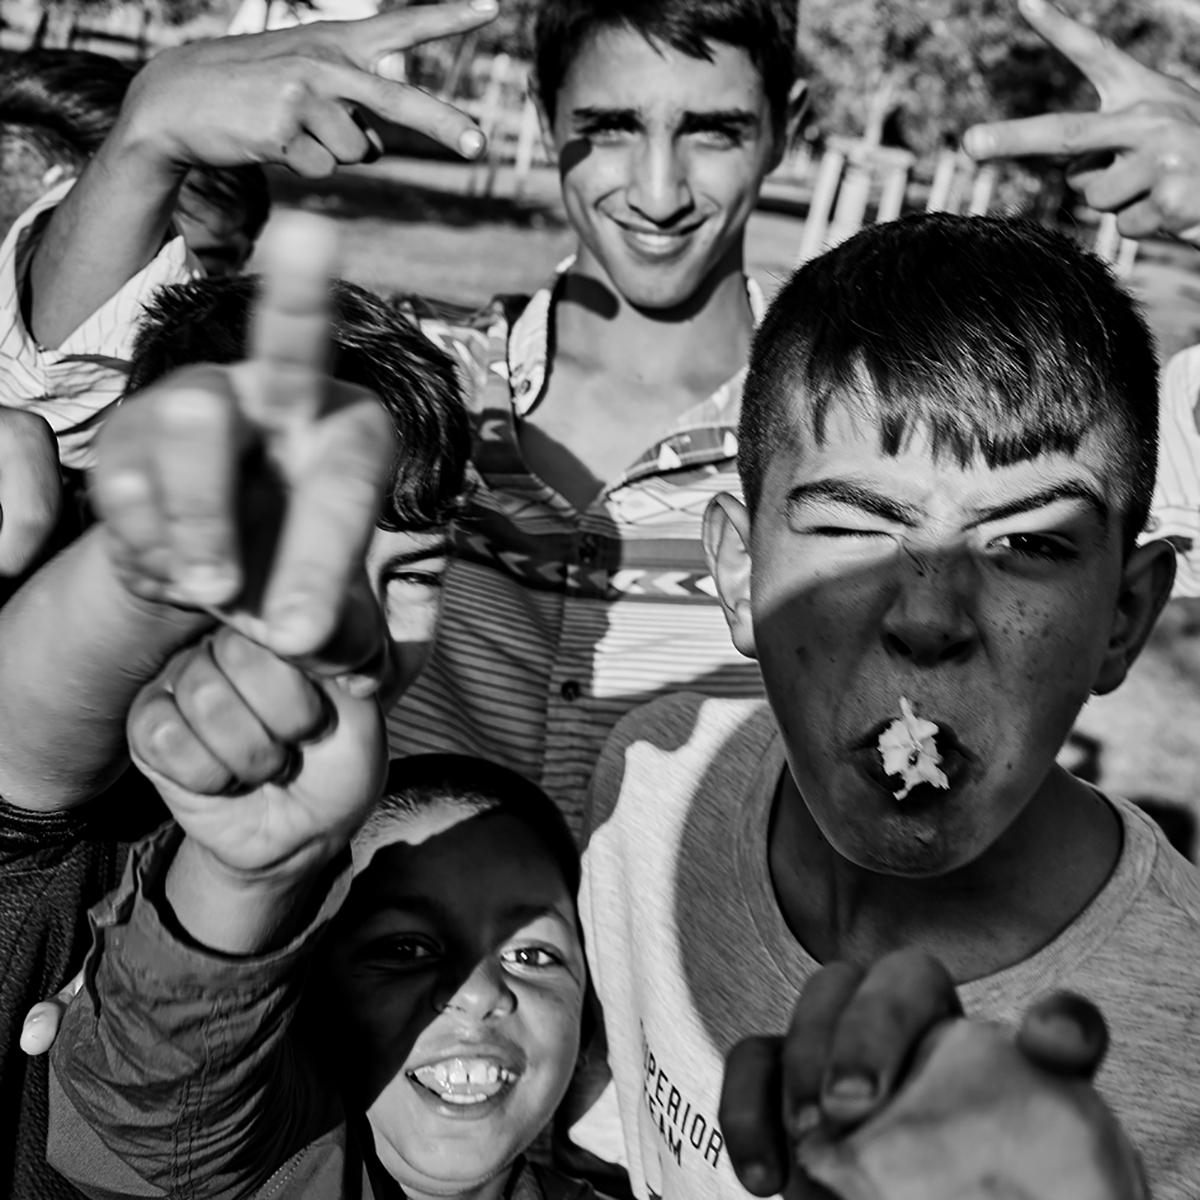 STREET KIDS {ISTANBUL}